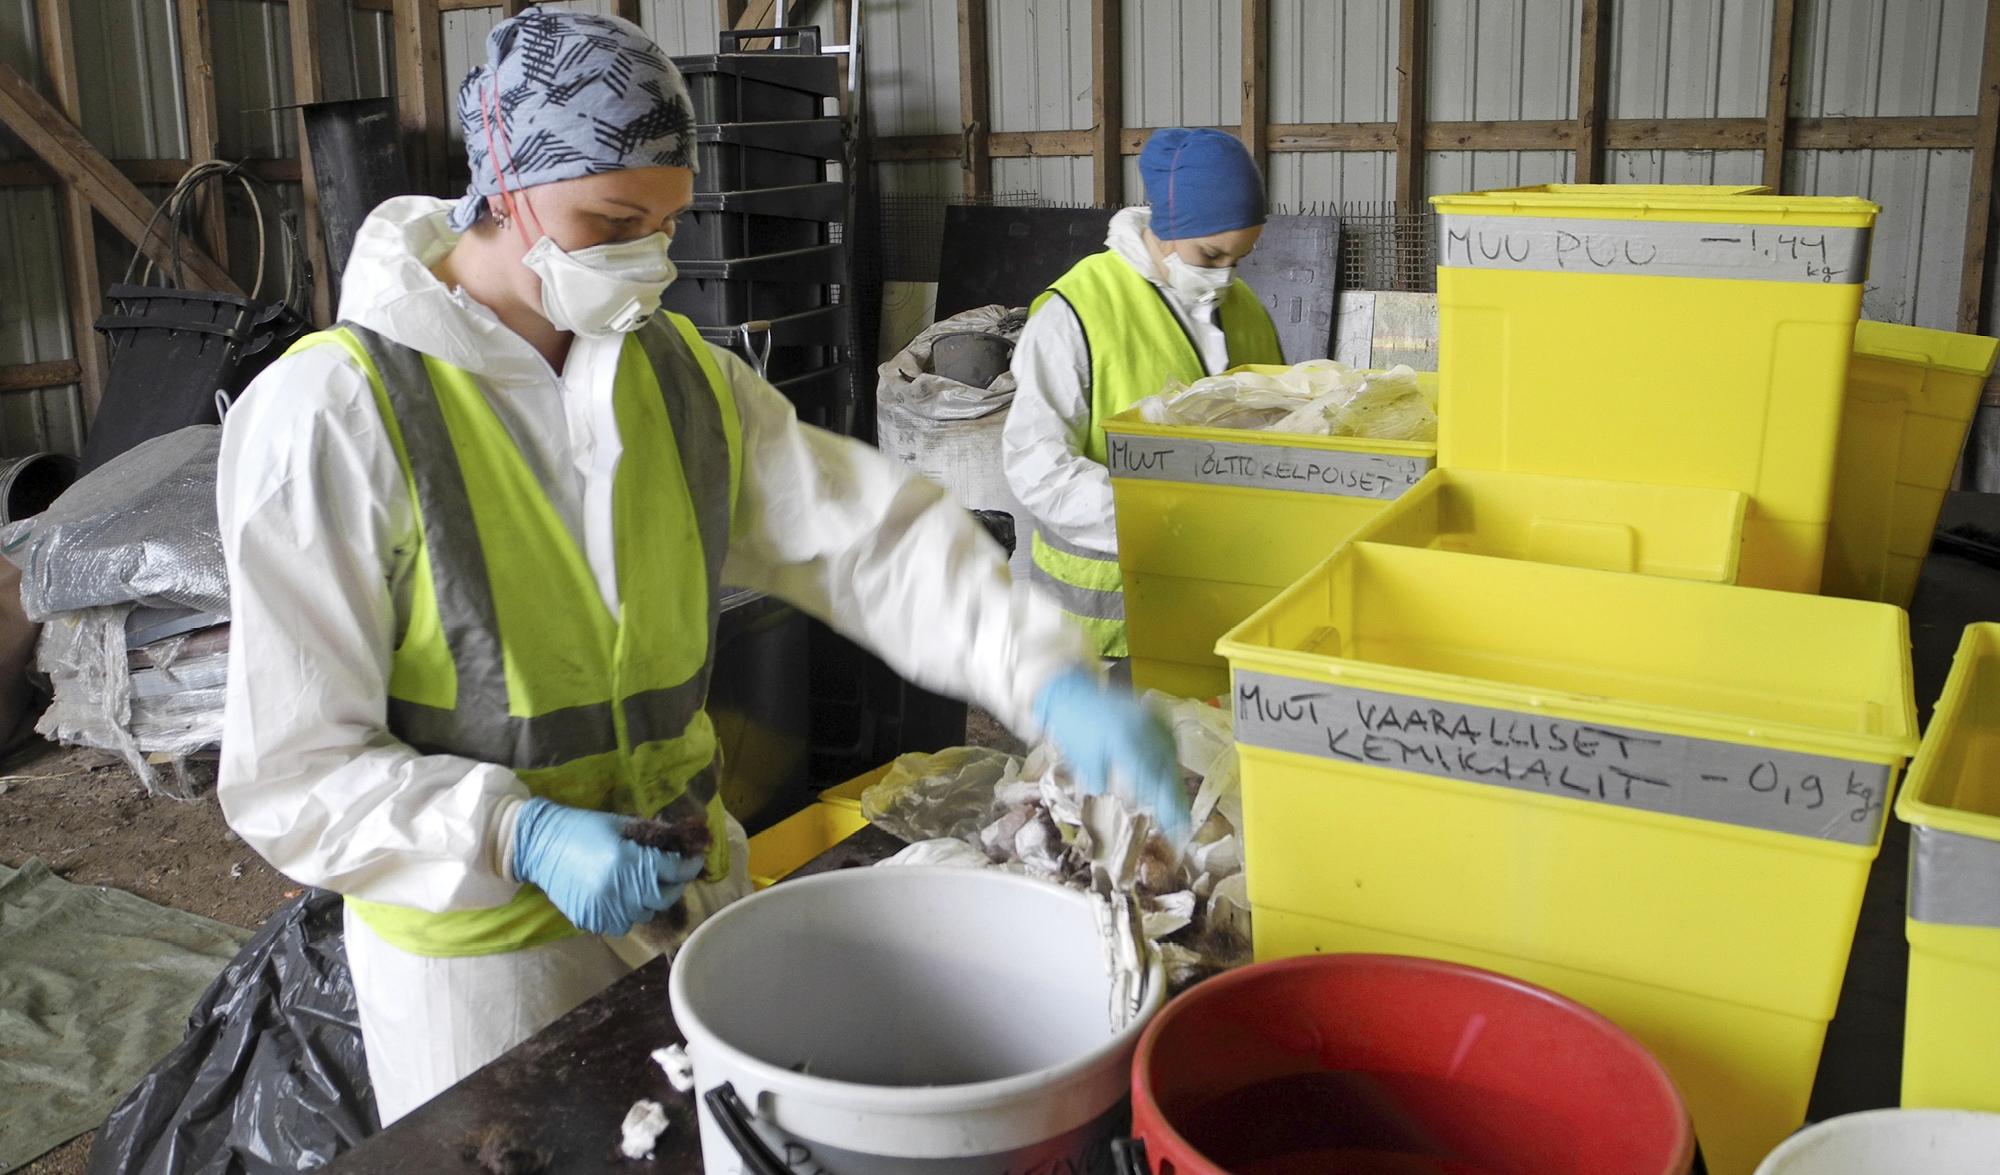 Lajittelututkimuksessa roskapussien sisältö lajitellaan 28 jakeeseen. Jokaiselle on lajittelupöydällä oma astia, joiden sisältö punnitaan. Näin saadaan tietää, millaisia jätteitä on sekalaisessa jätteessä eniten.